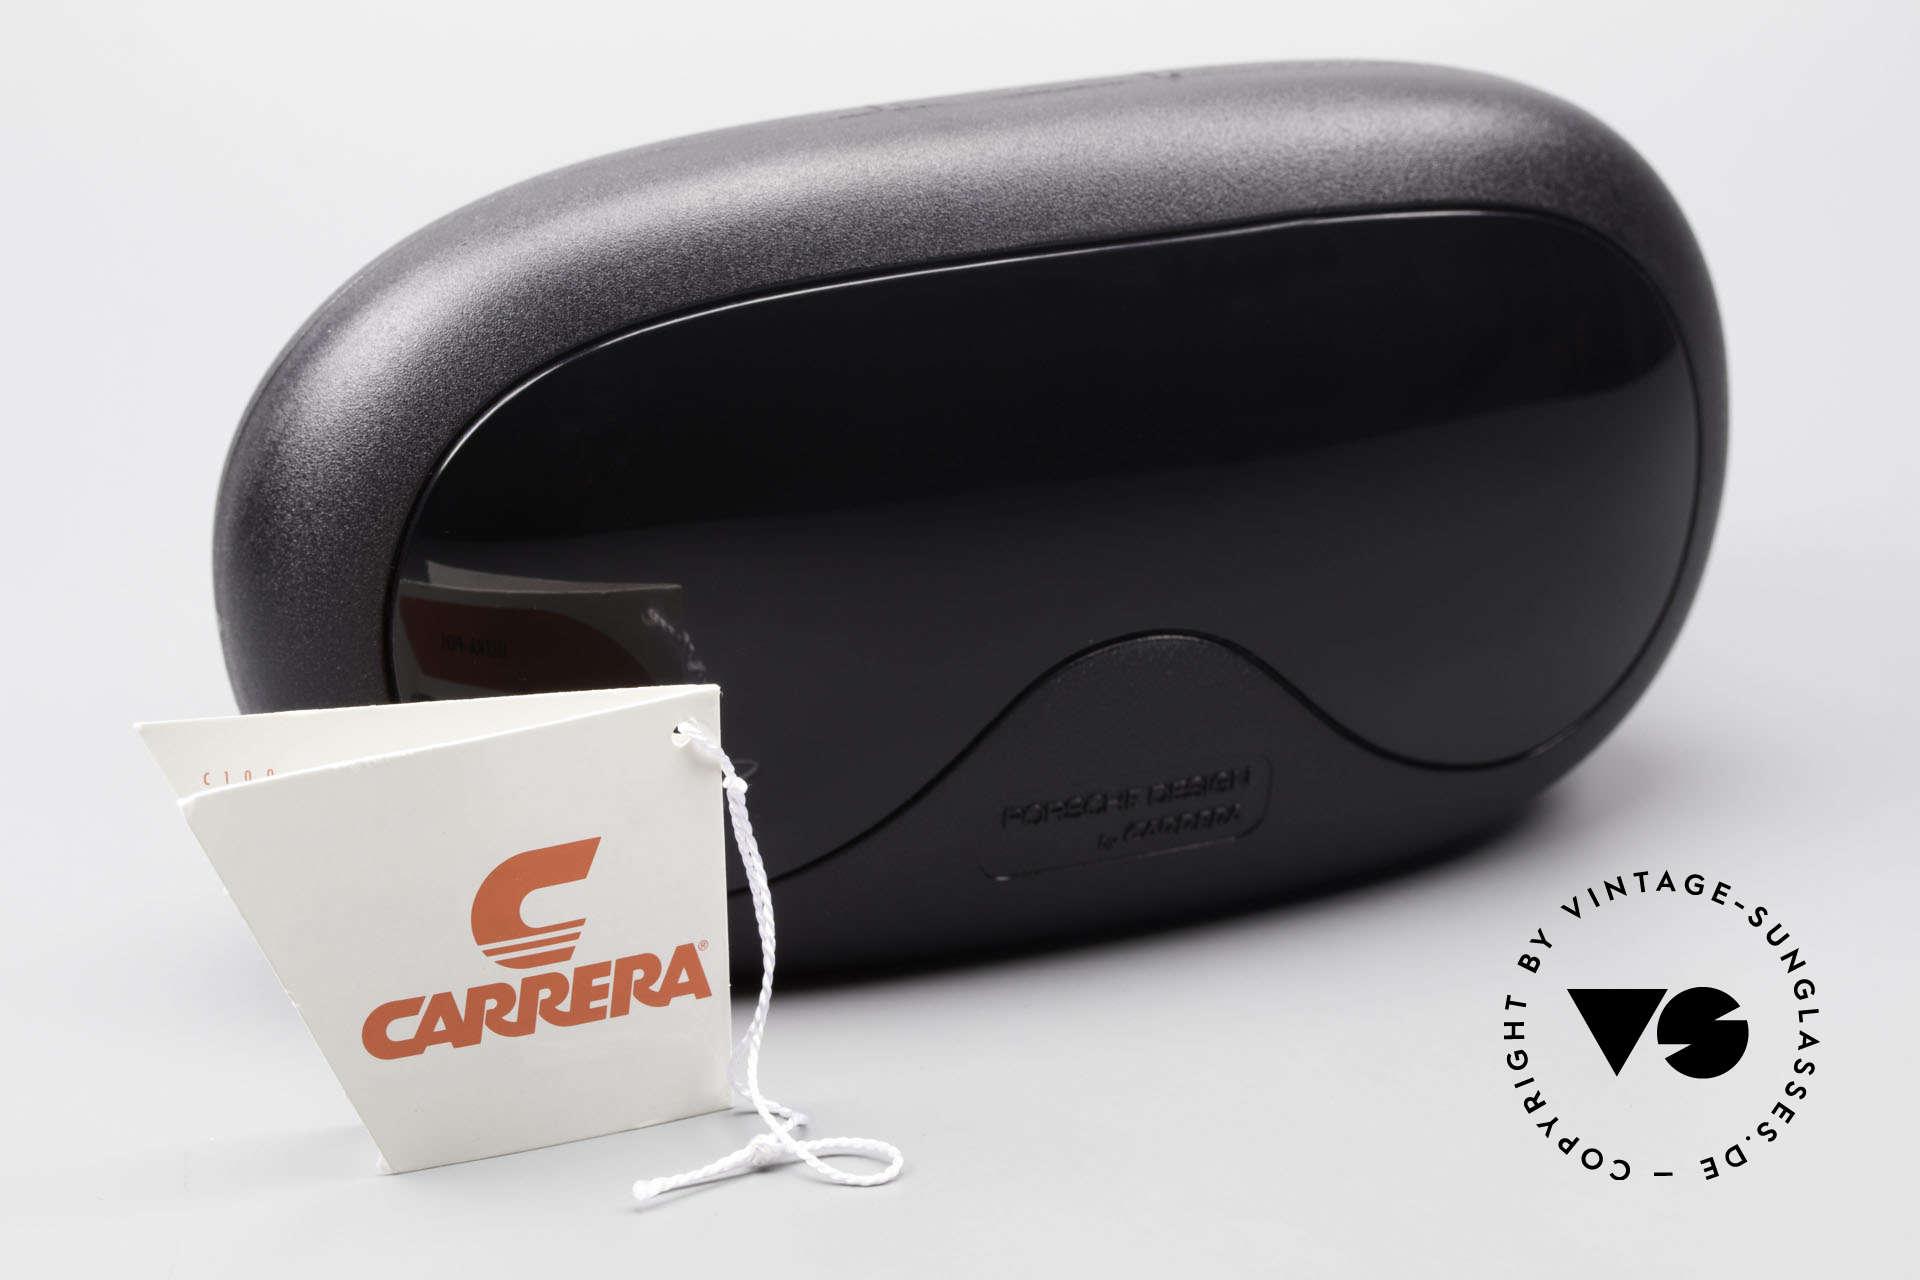 Carrera 5512 Meistgesuchte Carrera 5512, sehr massiv, dennoch komfortabel dank OPTYL-Material, Passend für Herren